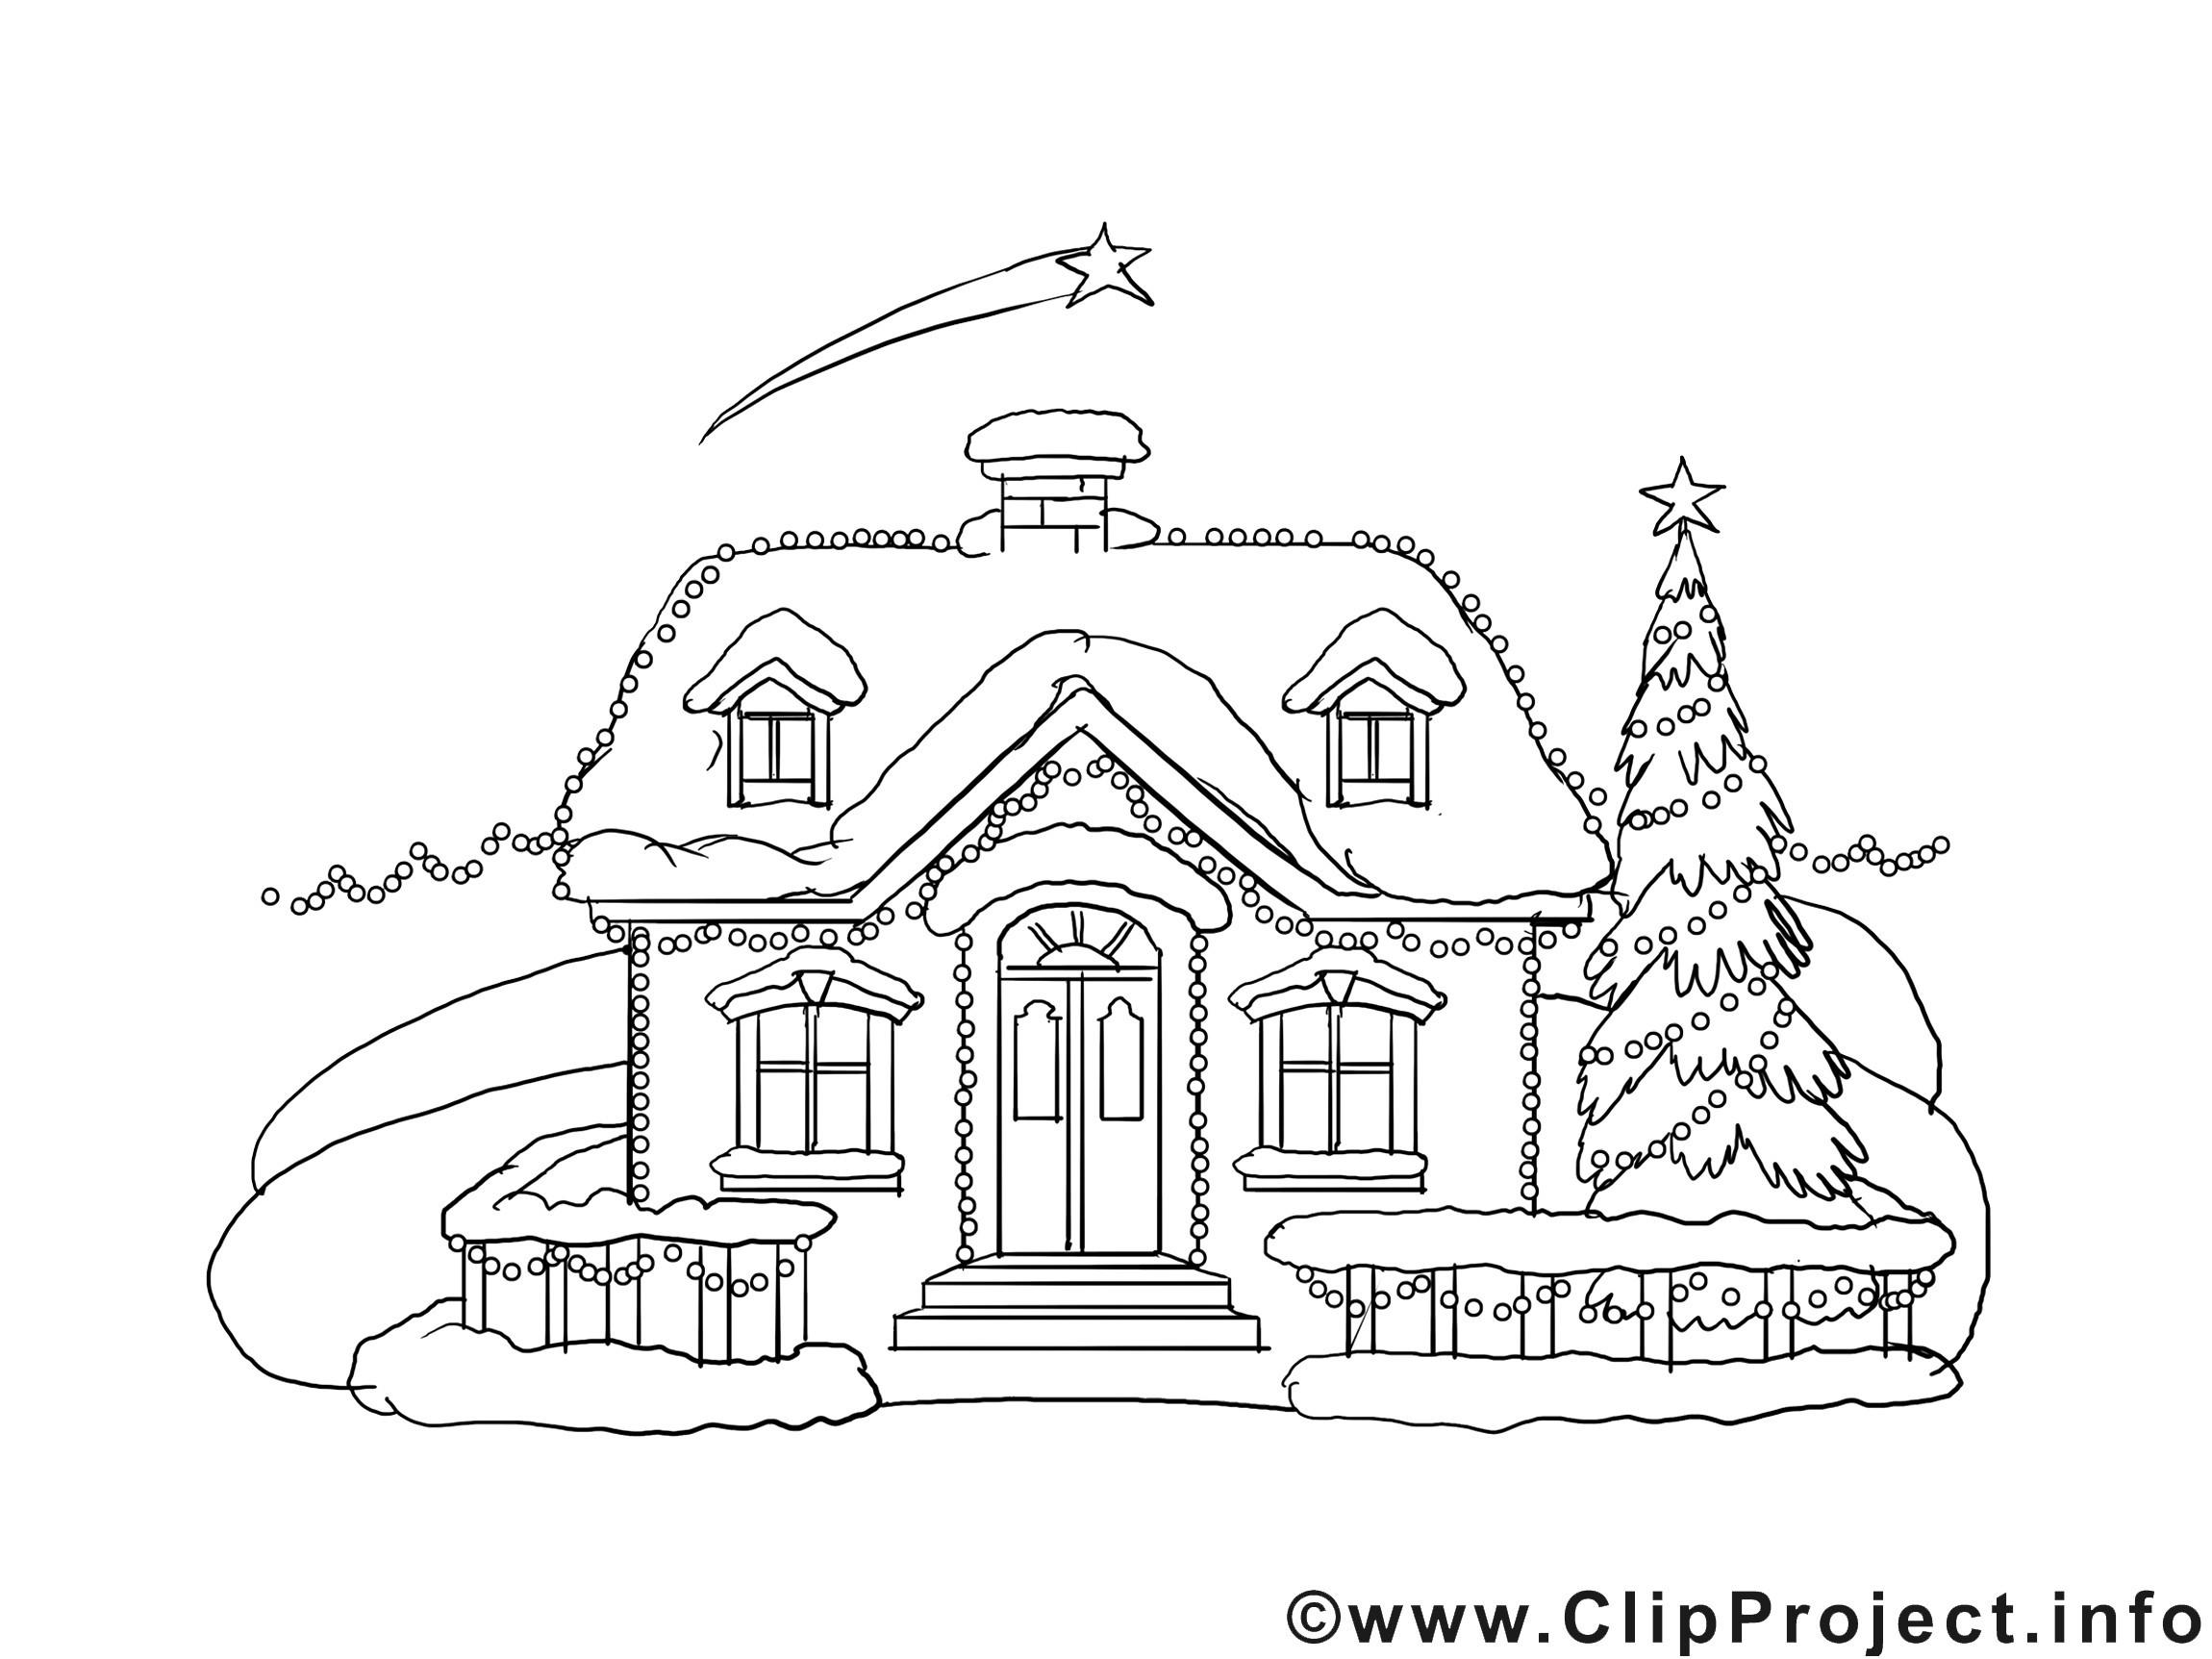 Haus Mit Garten Ausmalbild Inspirierend Mal Vorlage Haus Im Winter Gestalten Pinterest Winter Innen Avec Bilder